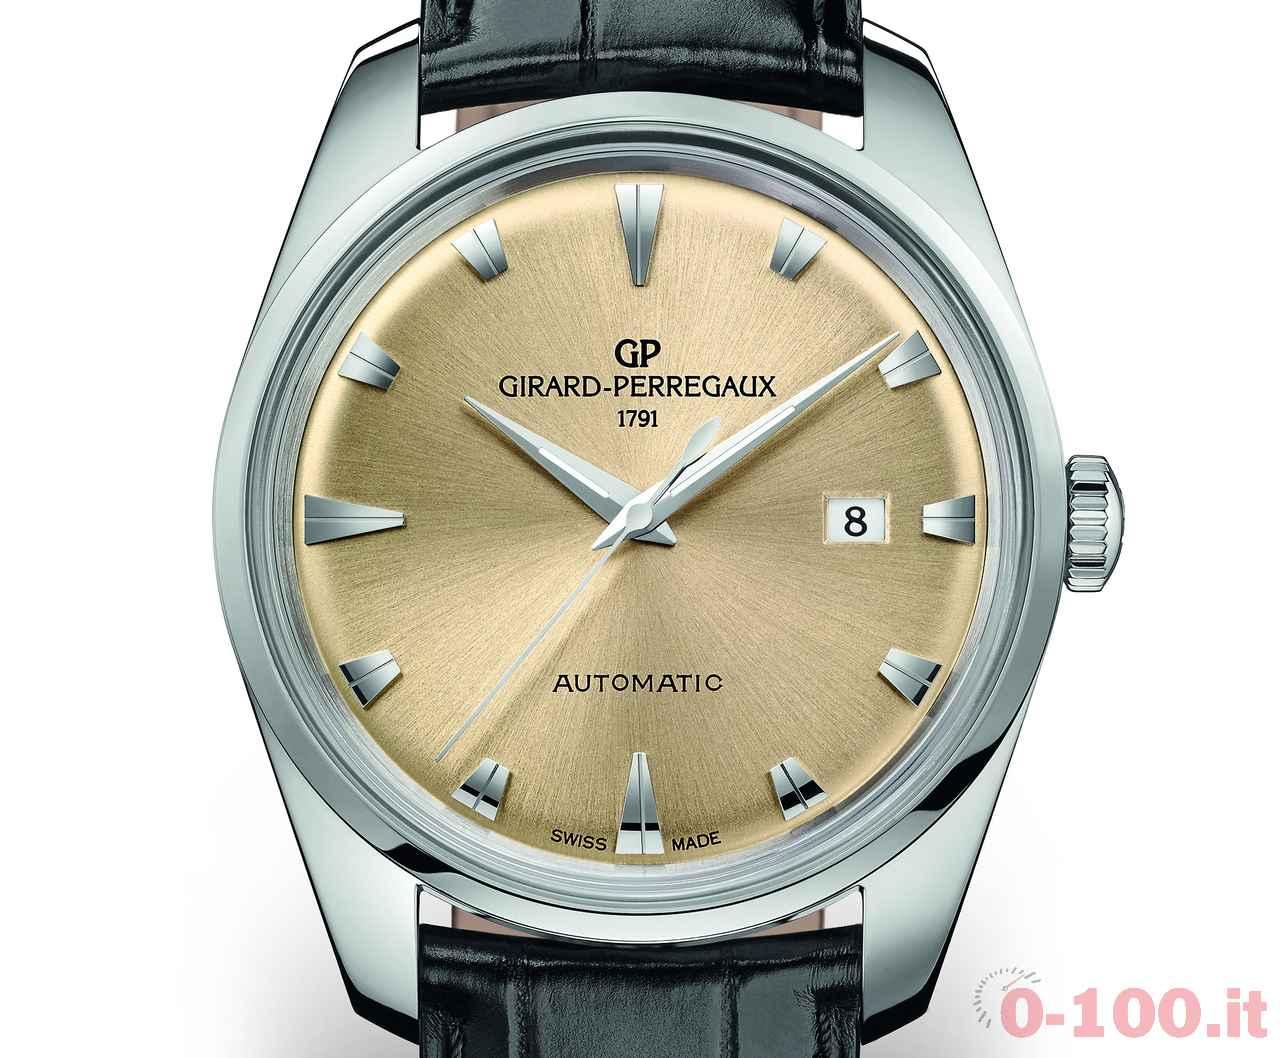 girard-perregaux-heritage-girard-perregaux-1957-limited-edition-ref-41957-11-131-bb6a-41957-11-131-bb6a-prezzo-price_0-1003